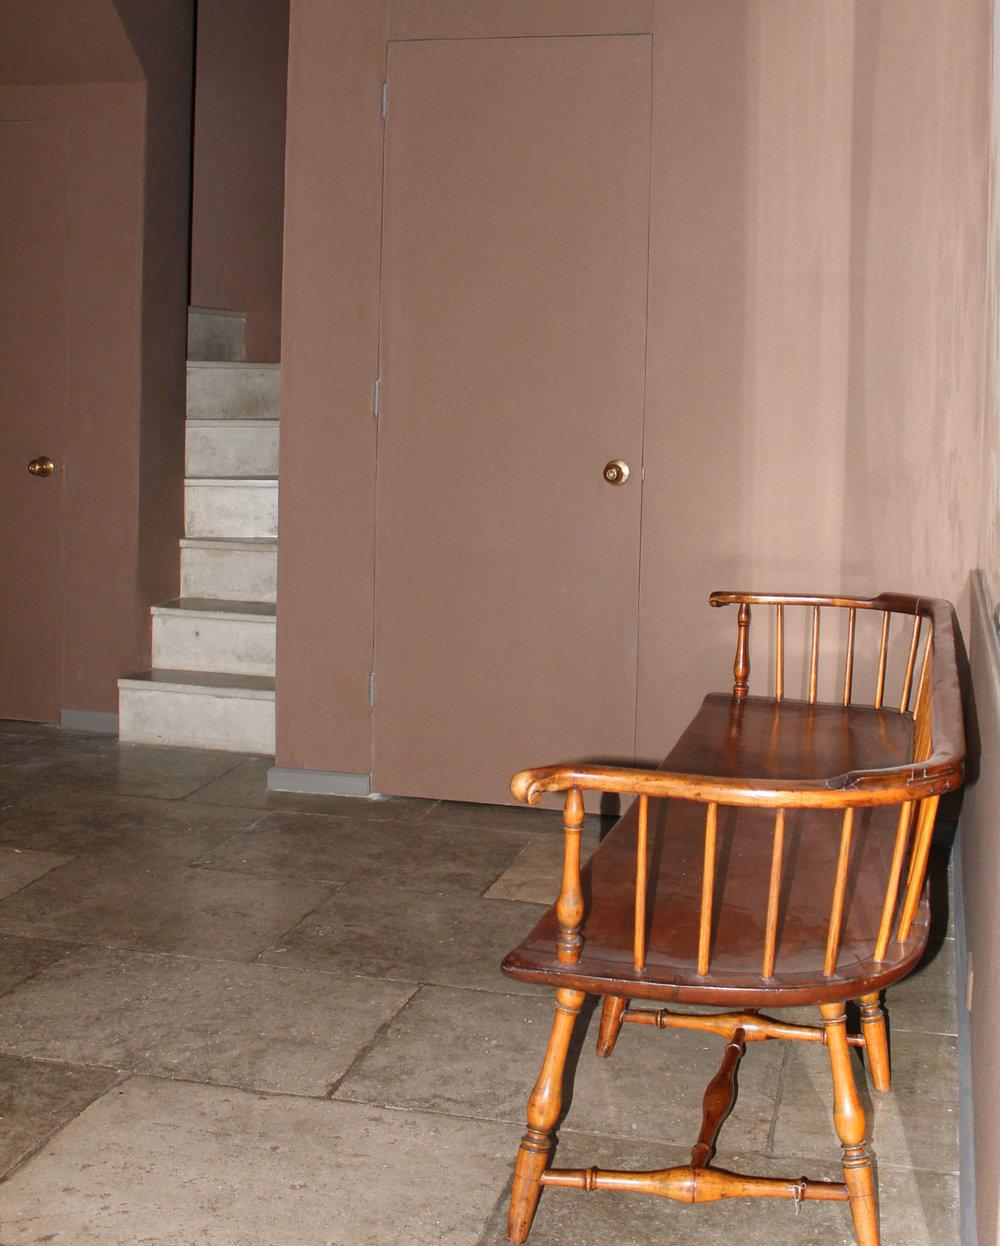 gallery_demenil_staircase03.jpg